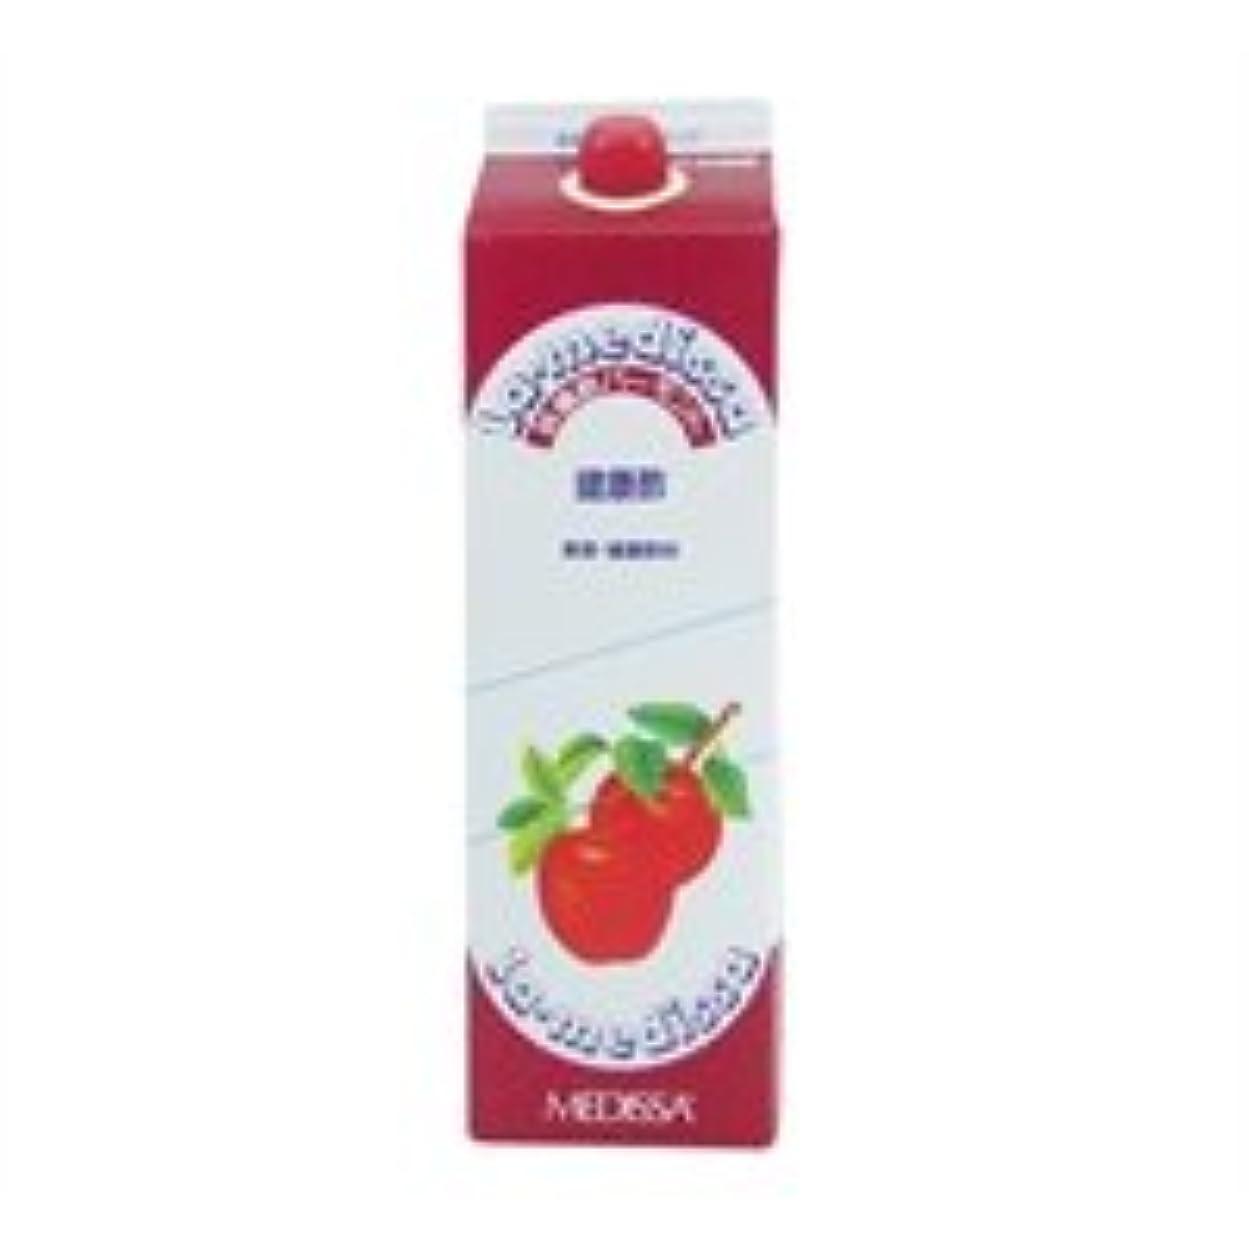 揺れる短命雄弁なラ?メデッサ リンゴ酢バーモント 1.8L